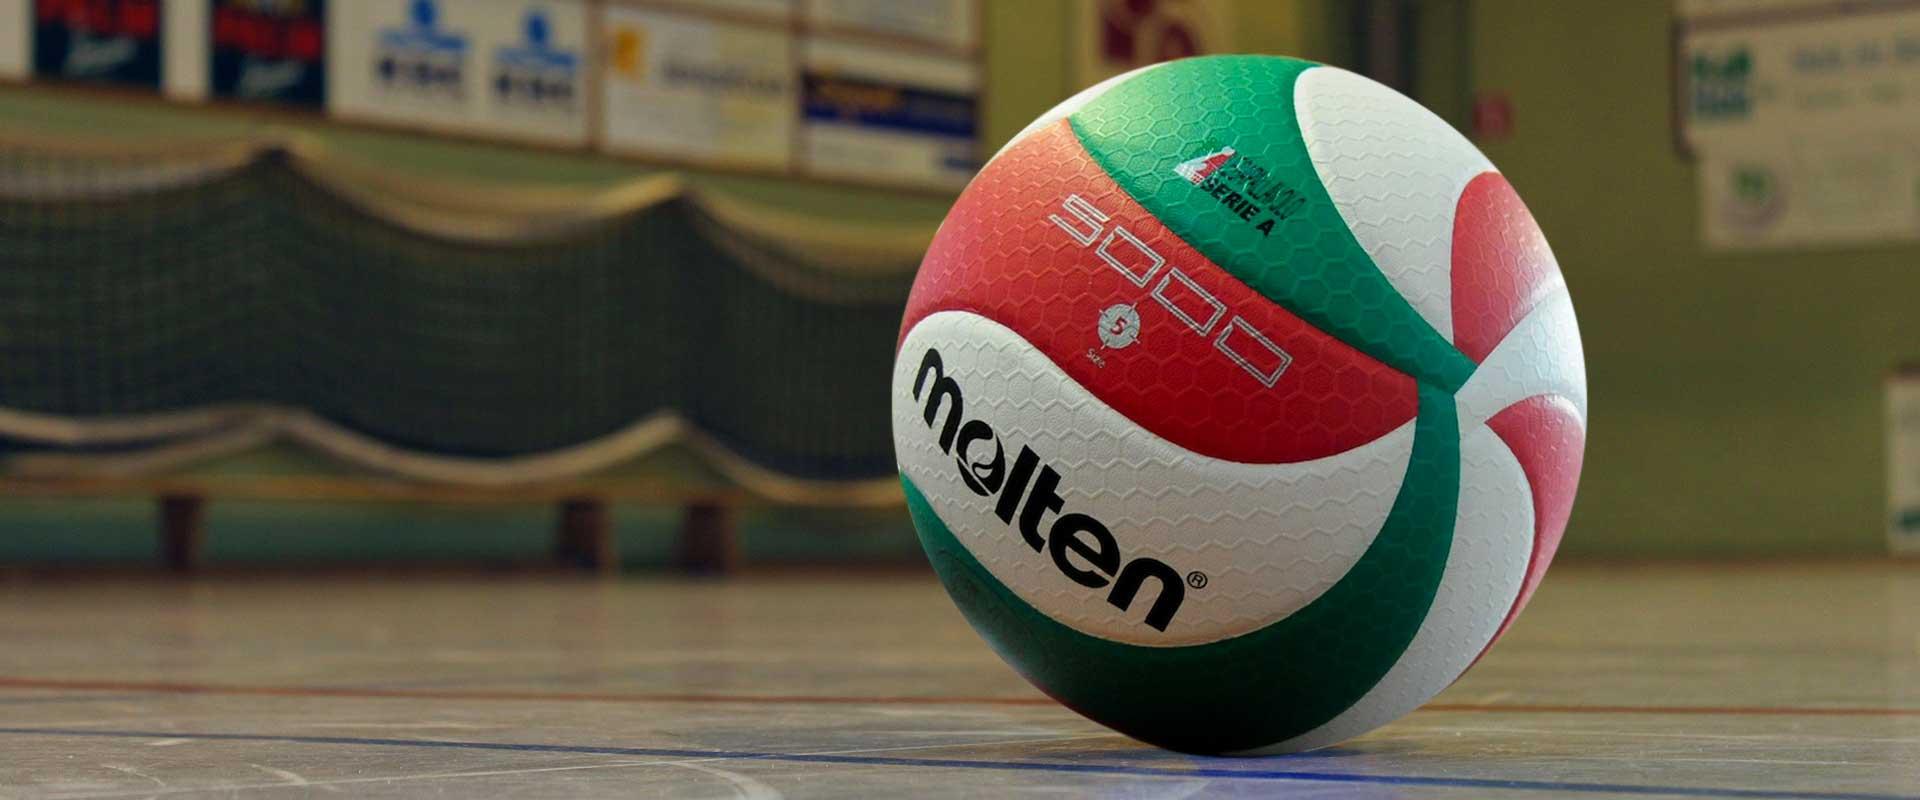 Forniture complete per il Volley